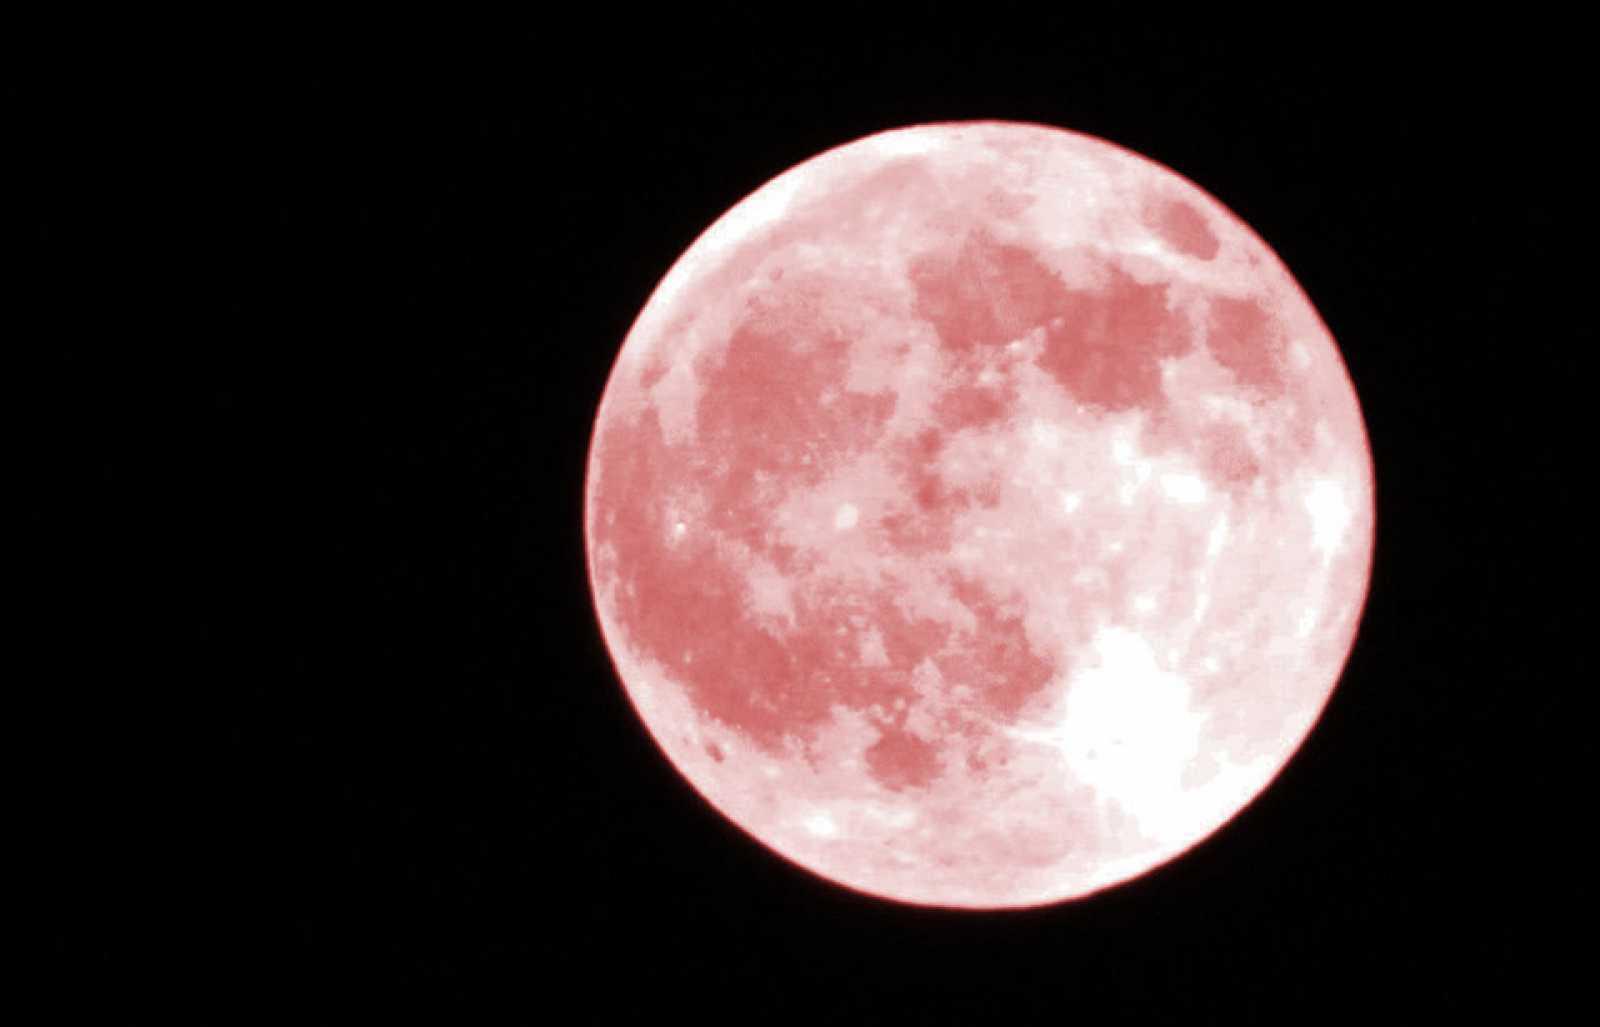 La superluna rosa de abril, la mayor luna llena del año, ha pillado a medio mundo confinado